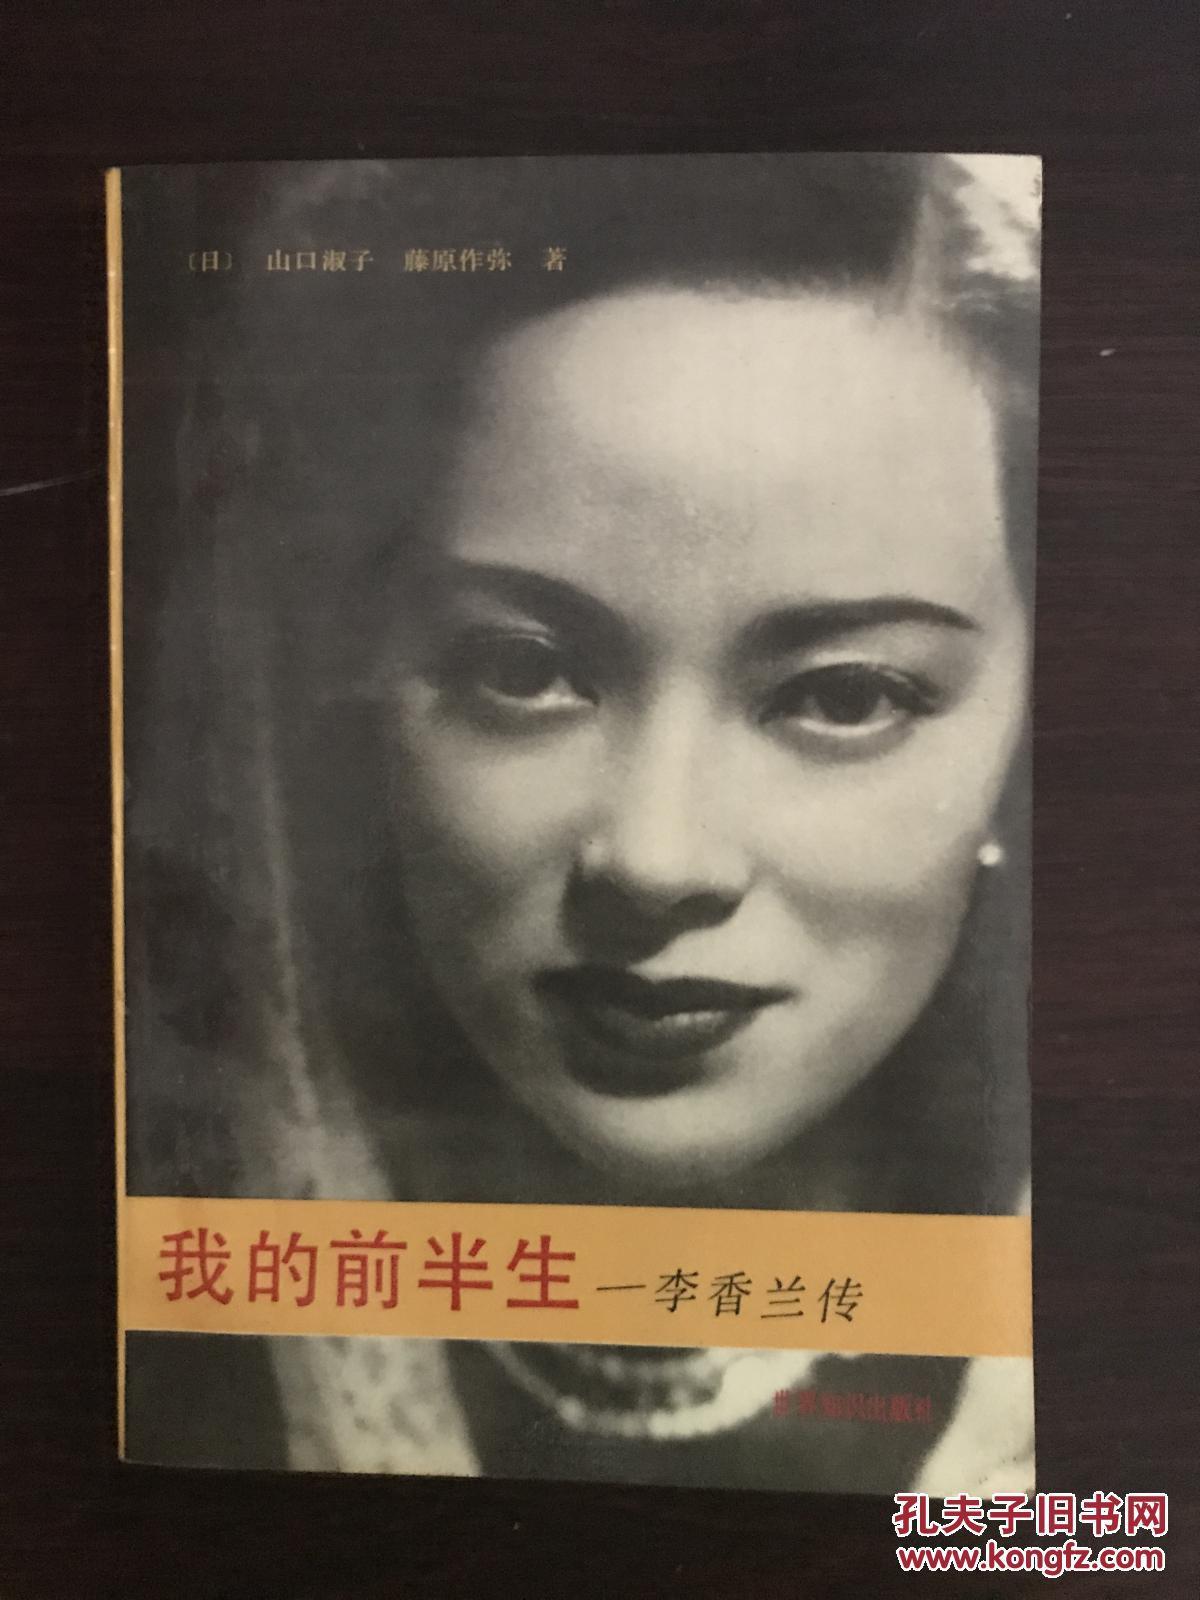 我的前半生:李香兰传(日)山口淑子, 藤原作弥著世界知识出版社32开29